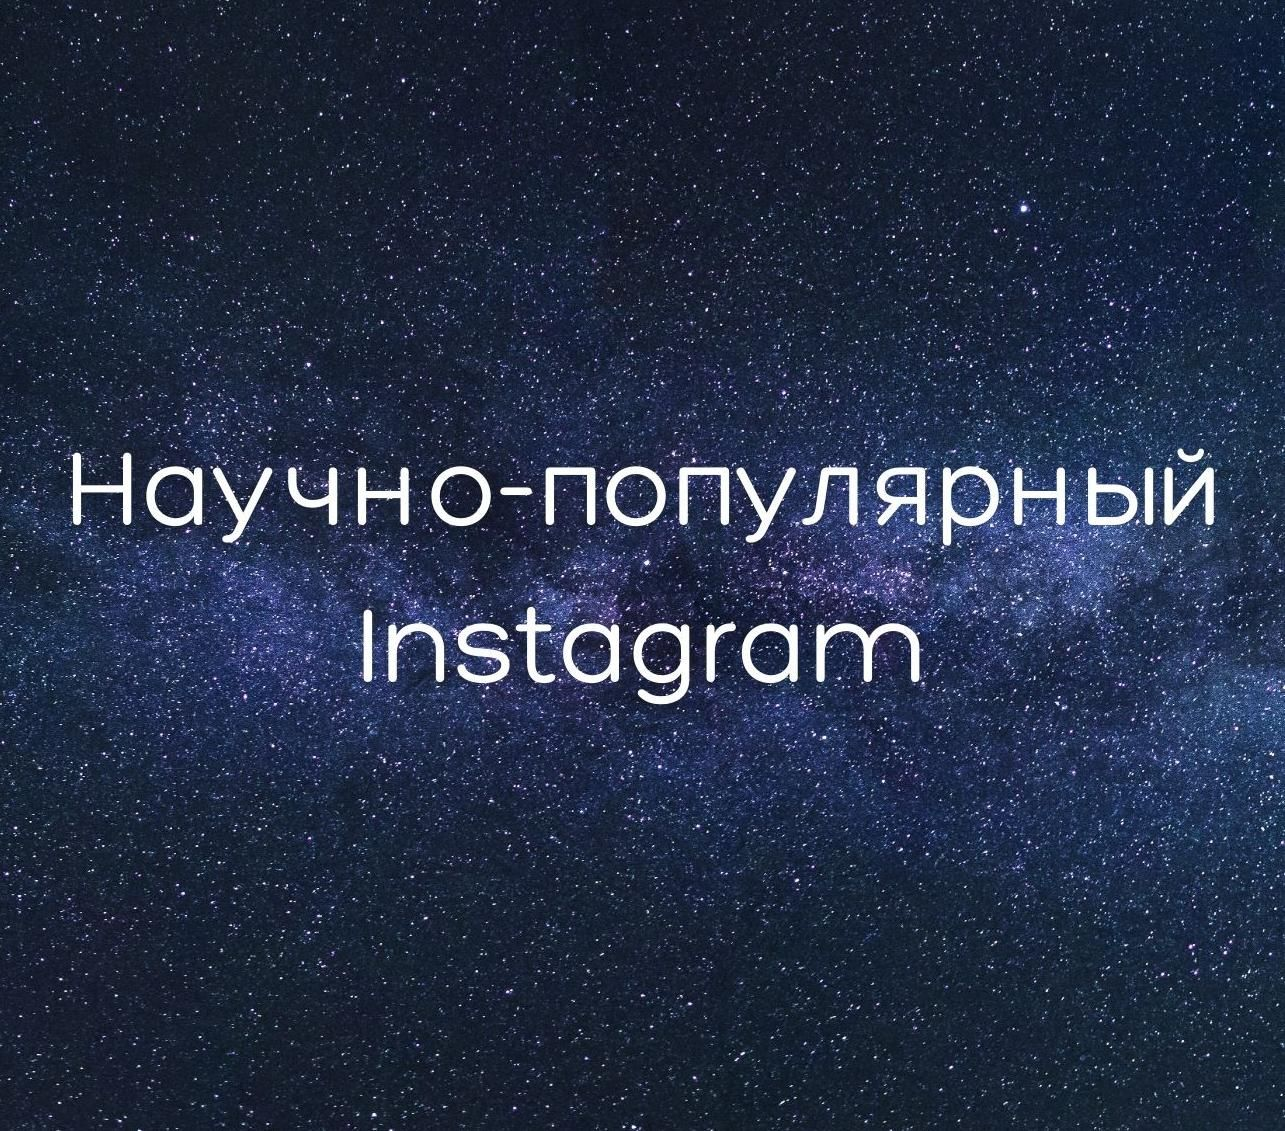 Научно-популярный Instagram